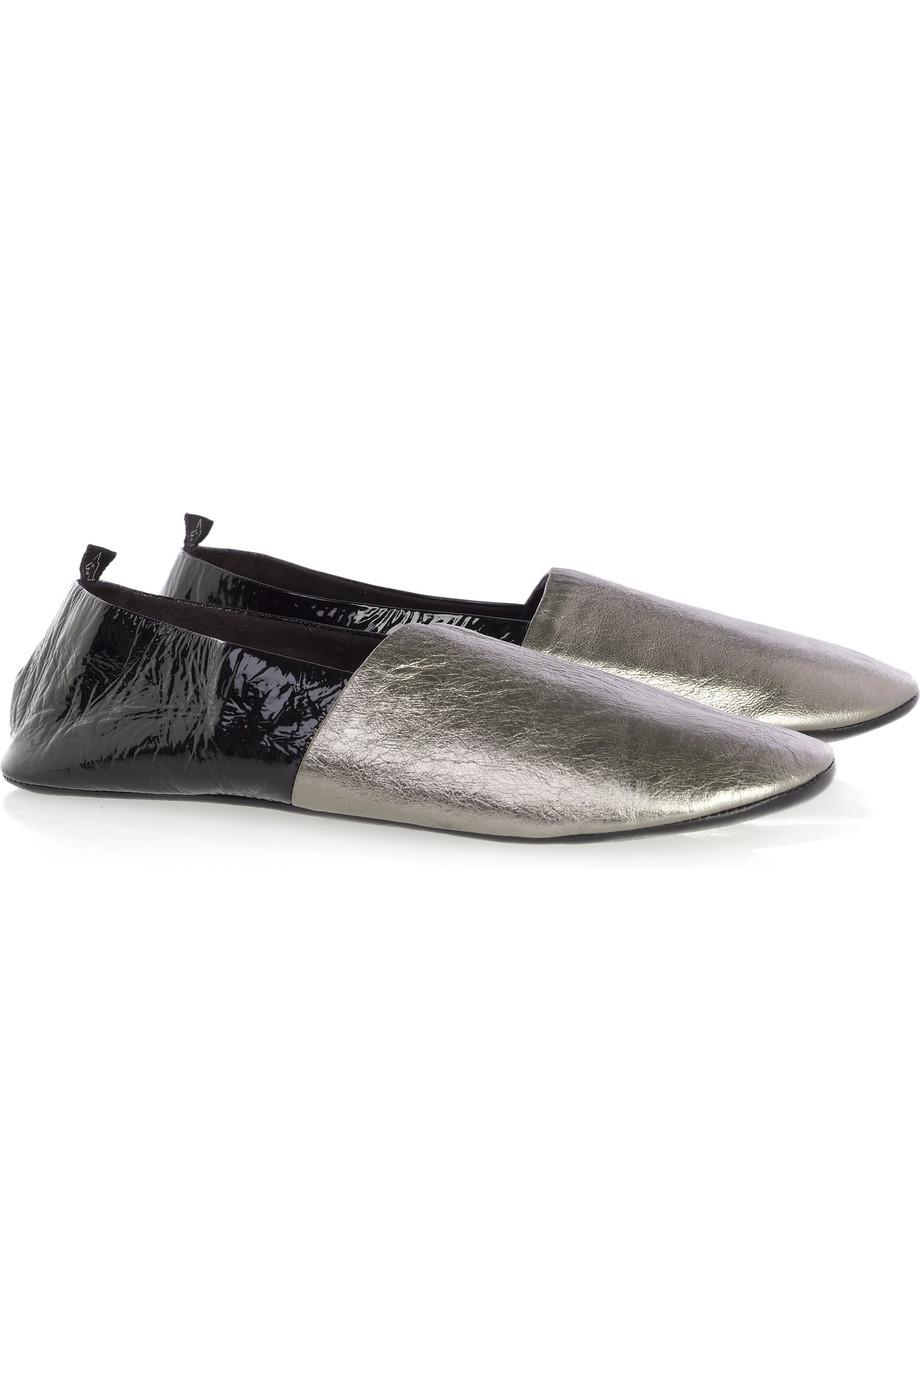 FOOTWEAR - Sandals Newbark UzMWL